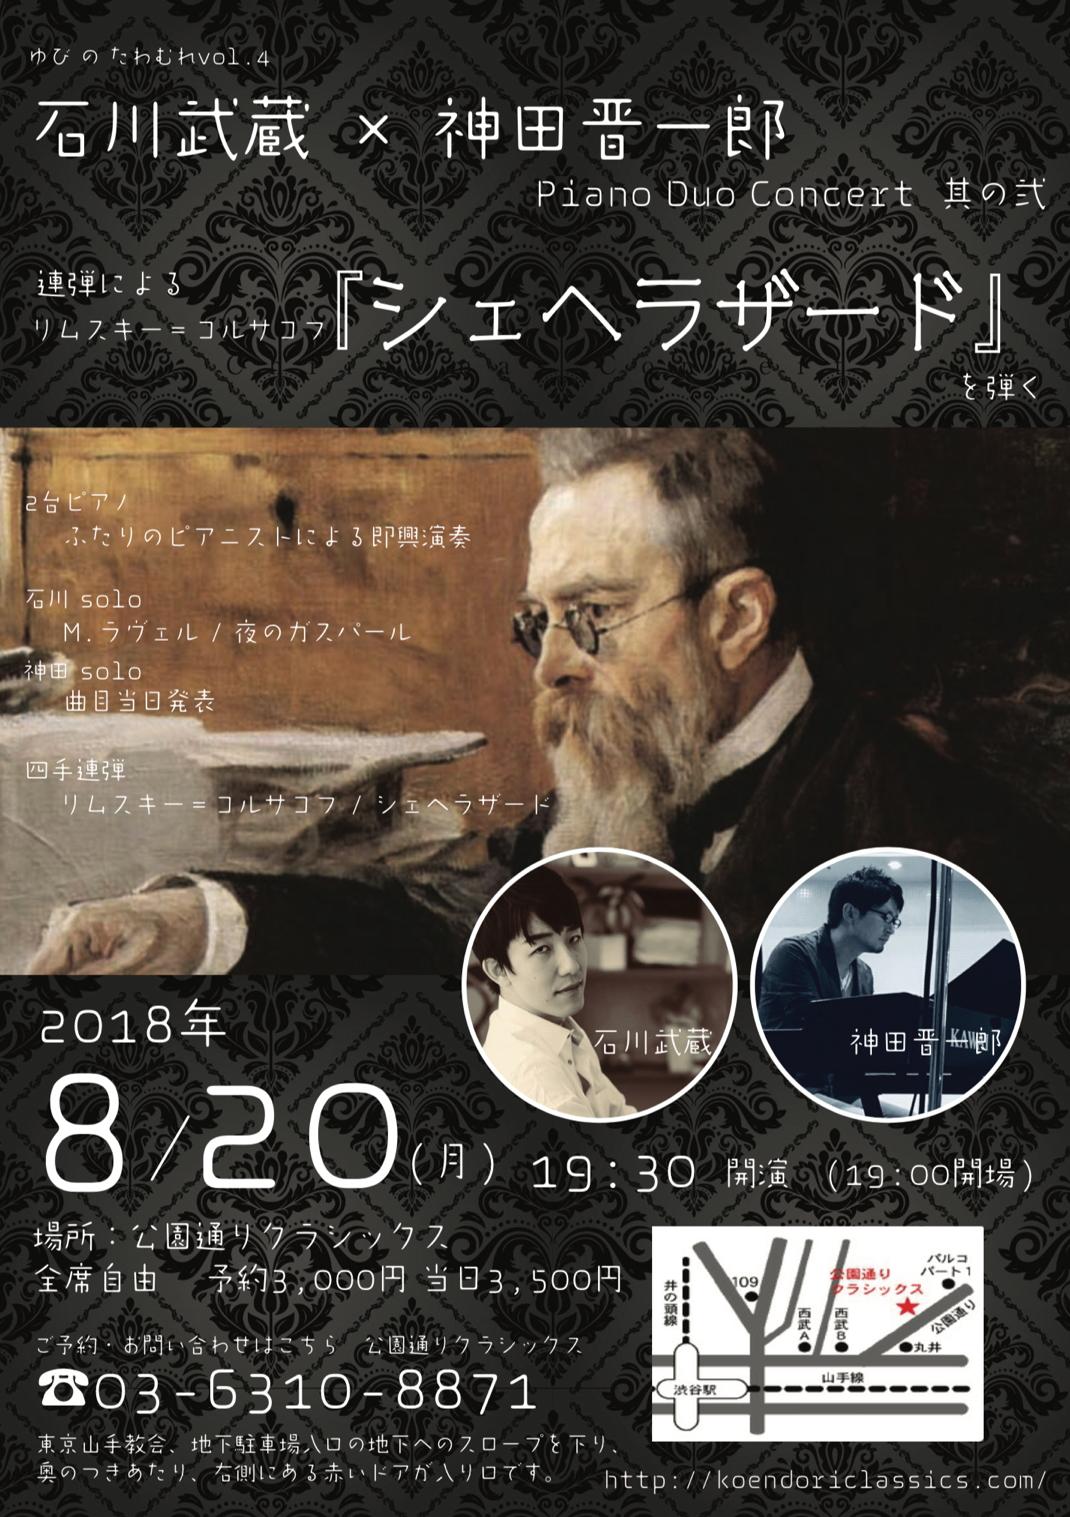 ゆびのたわむれ vol.4 ~石川武蔵 x 神田晋一郎~Piano Duo